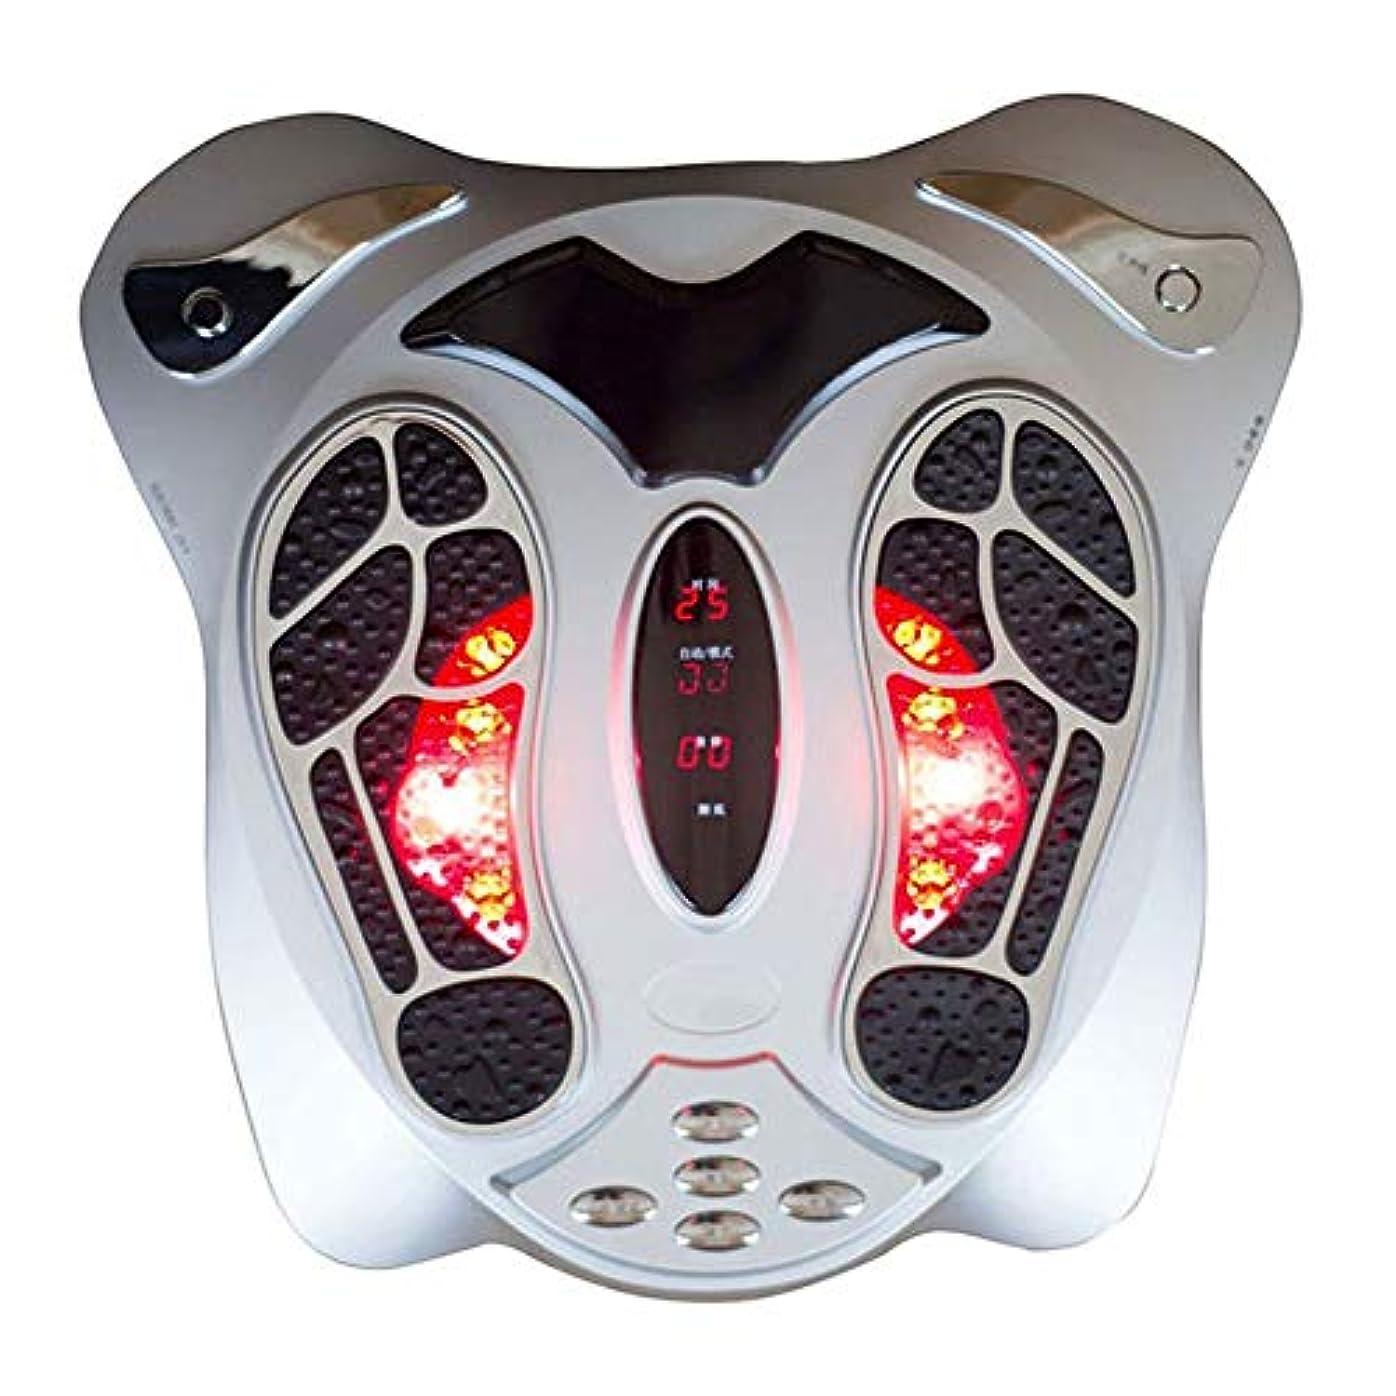 ドキドキ傾く促進するヒート機能付き電動足マッサージ低周波電気刺激多段階設定血行マッサージ(マッサージベルト送付)